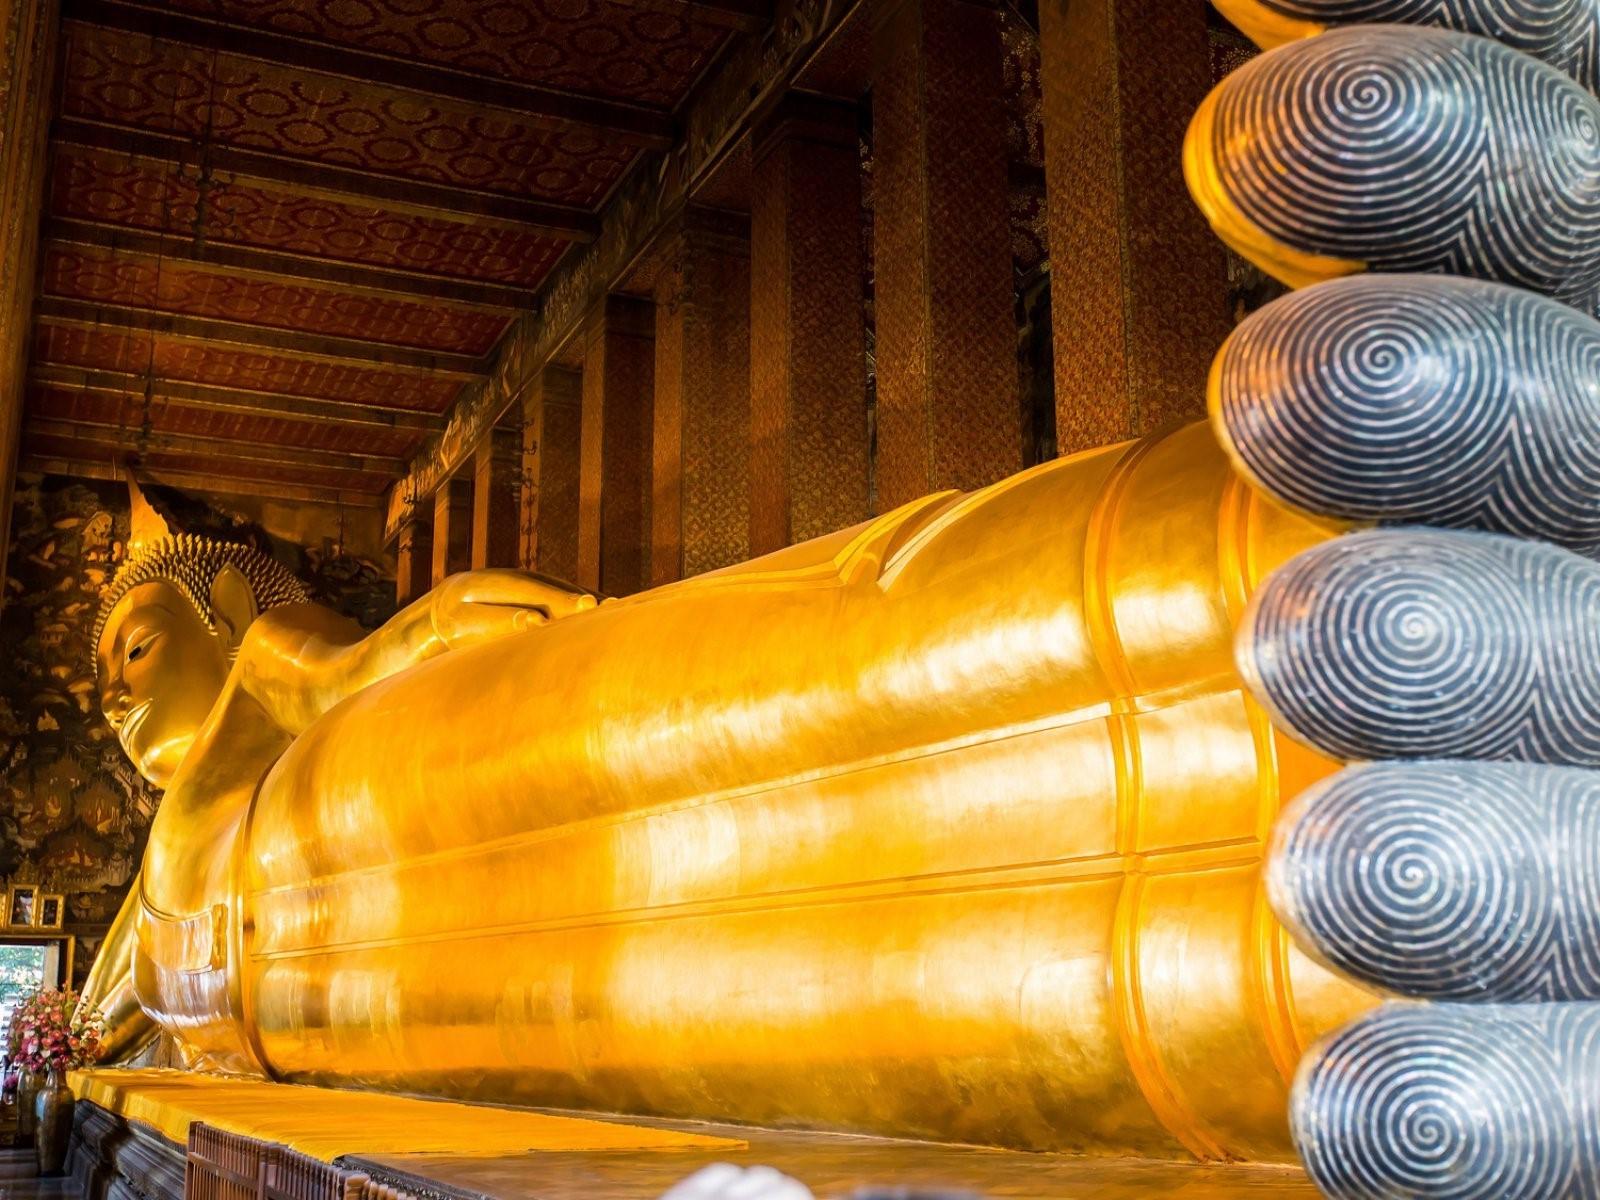 Chùa Phật Nằm | 7 kỳ quan kiến trúc độc đáo bậc nhất của Thái Lan | Brain Berries